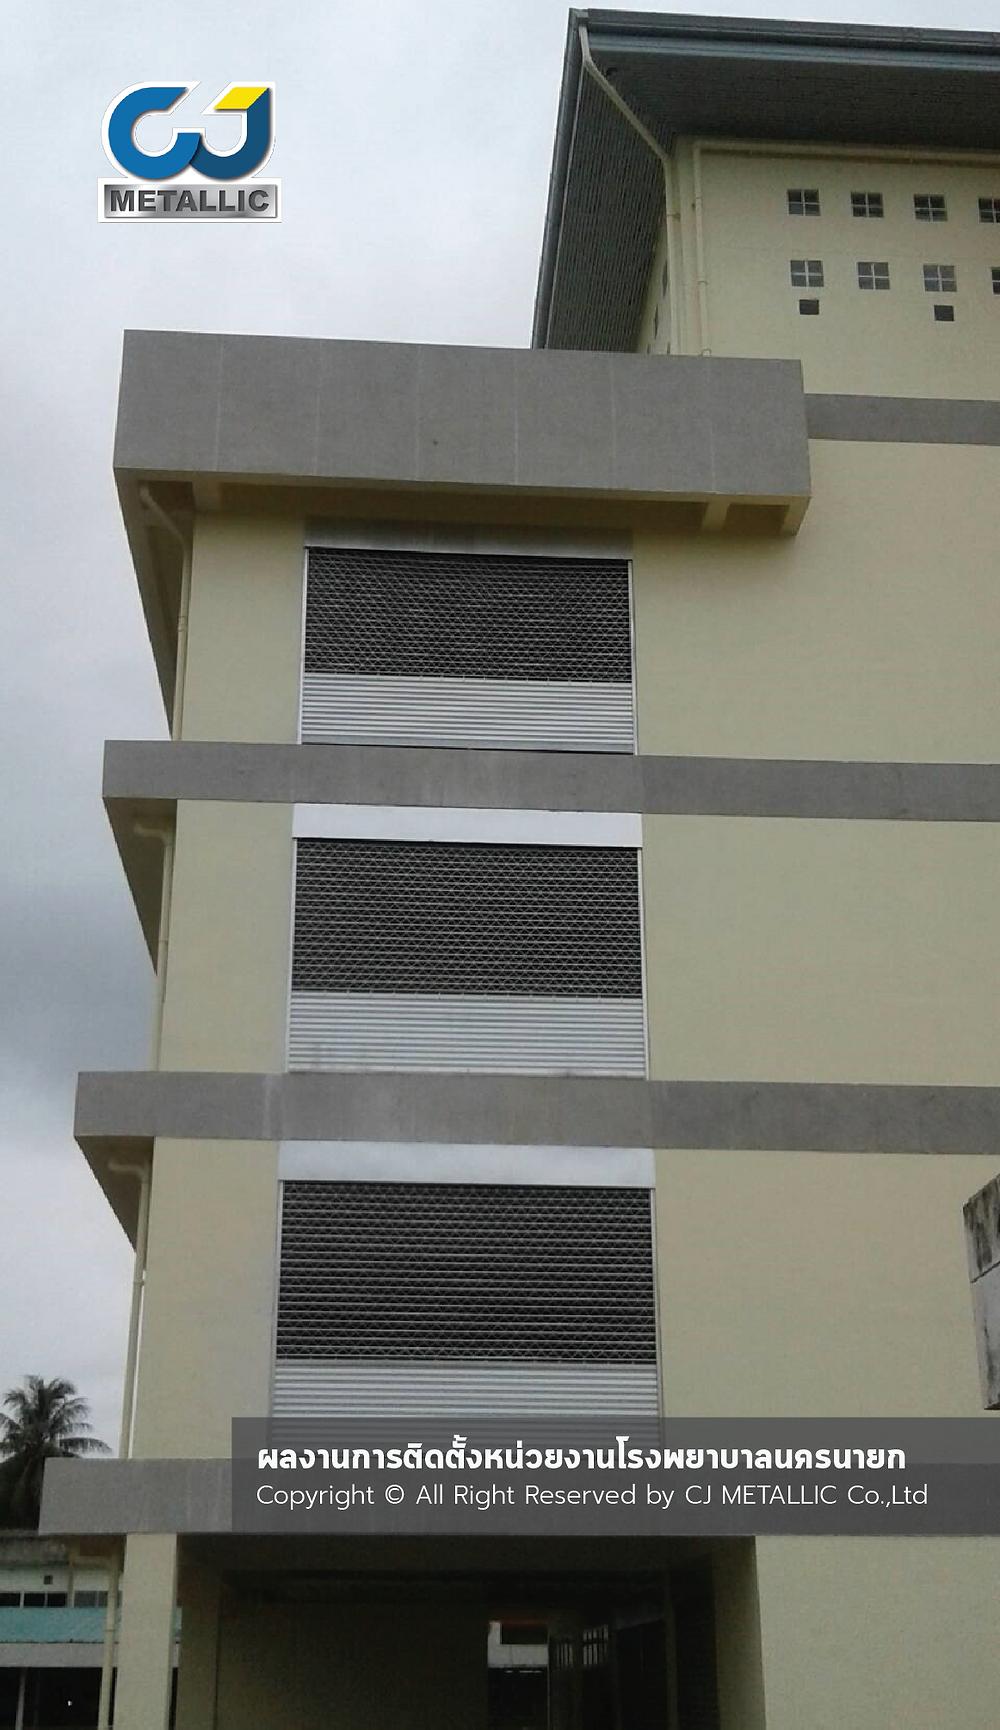 ประตูม้วนโปร่งระบบสปริง ระบบมอเตอร์ไฟฟ้า คุณภาพดี ราคาย่อมเยา – ซีเจ เมทัลลิค